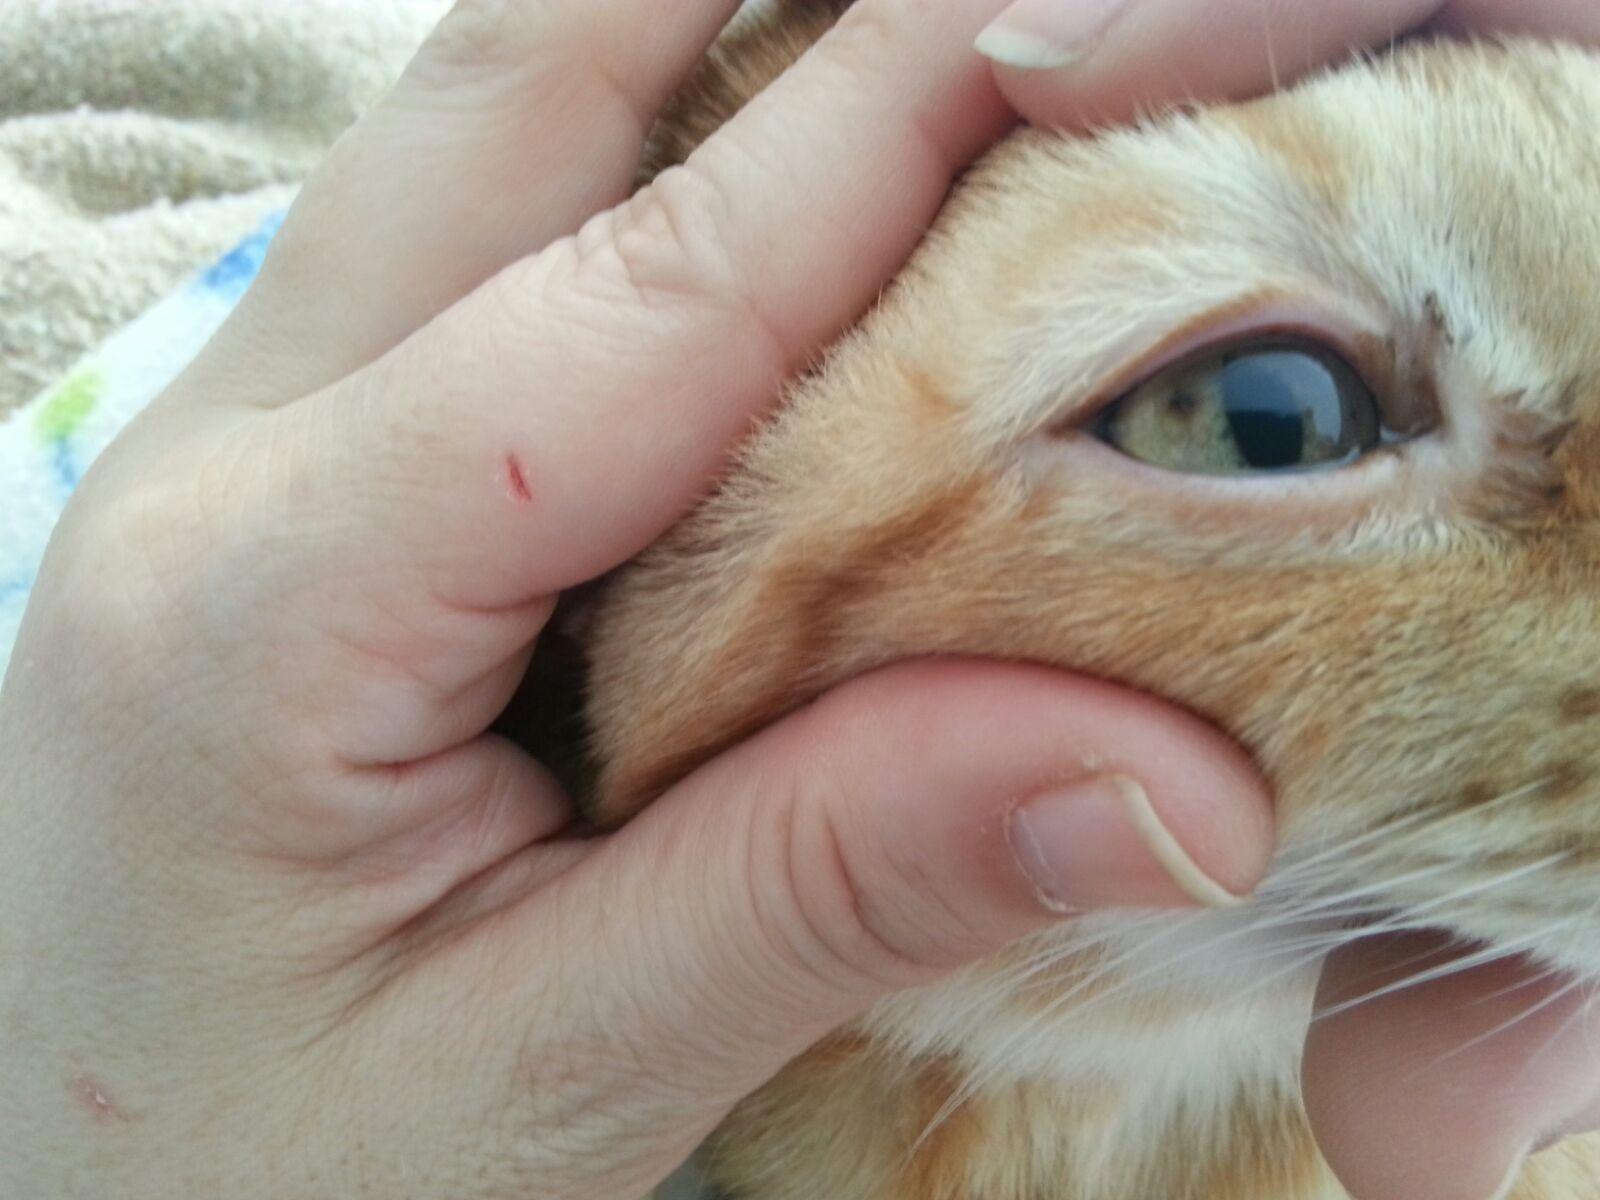 manchas en el ojo de mi gato